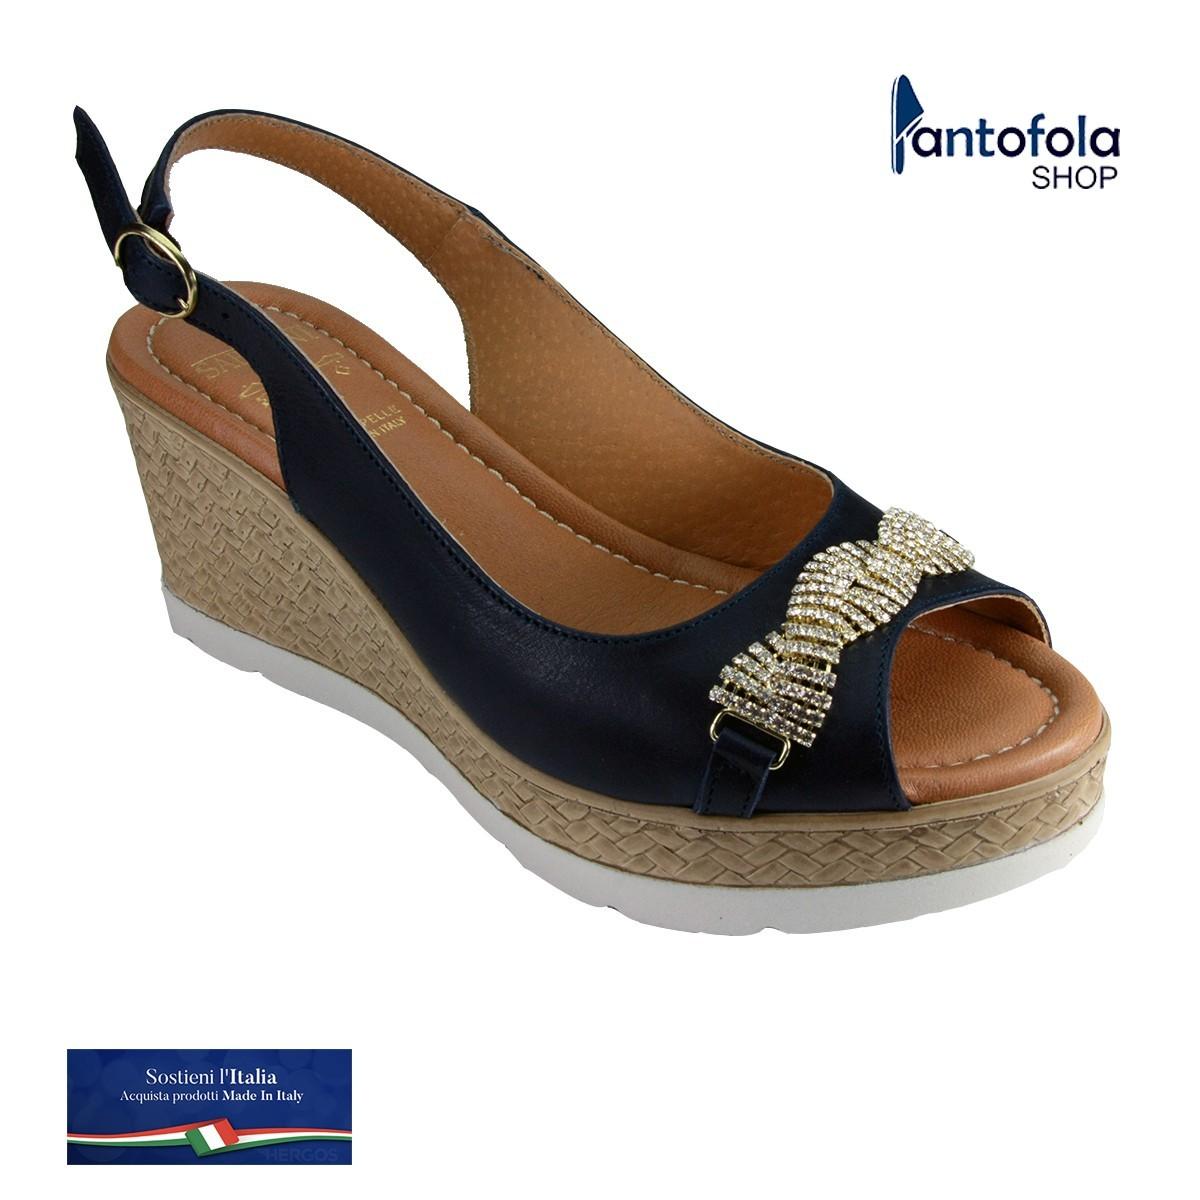 Sabatini S 7123 Blu - Calzatura elegante e comoda, appoggio plantare morbido - Vera pelle